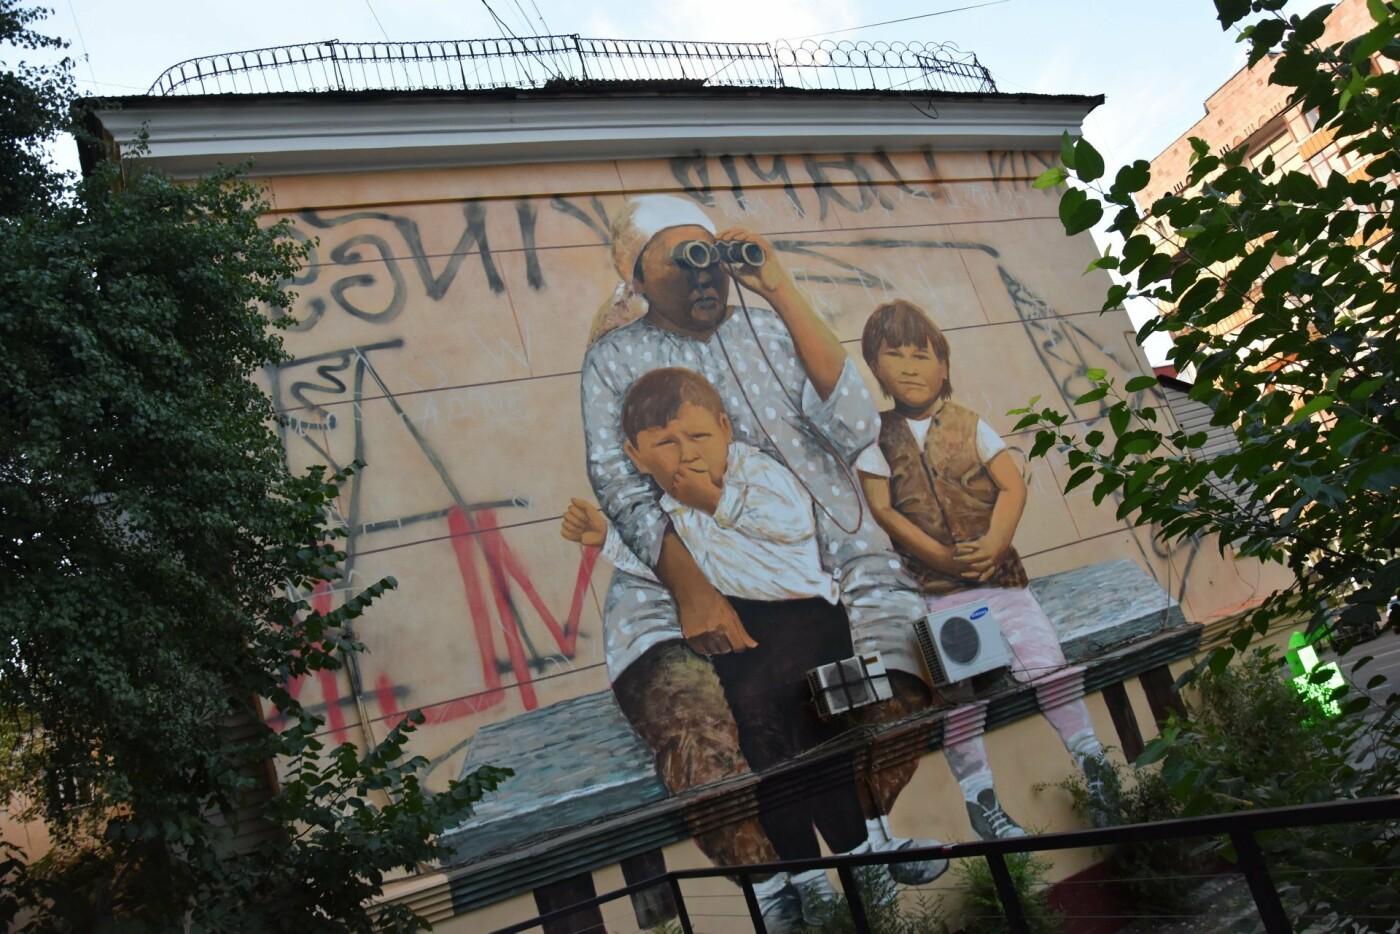 Мурал «Ожидание» дополнили уличным граффити (ФОТО), фото-6